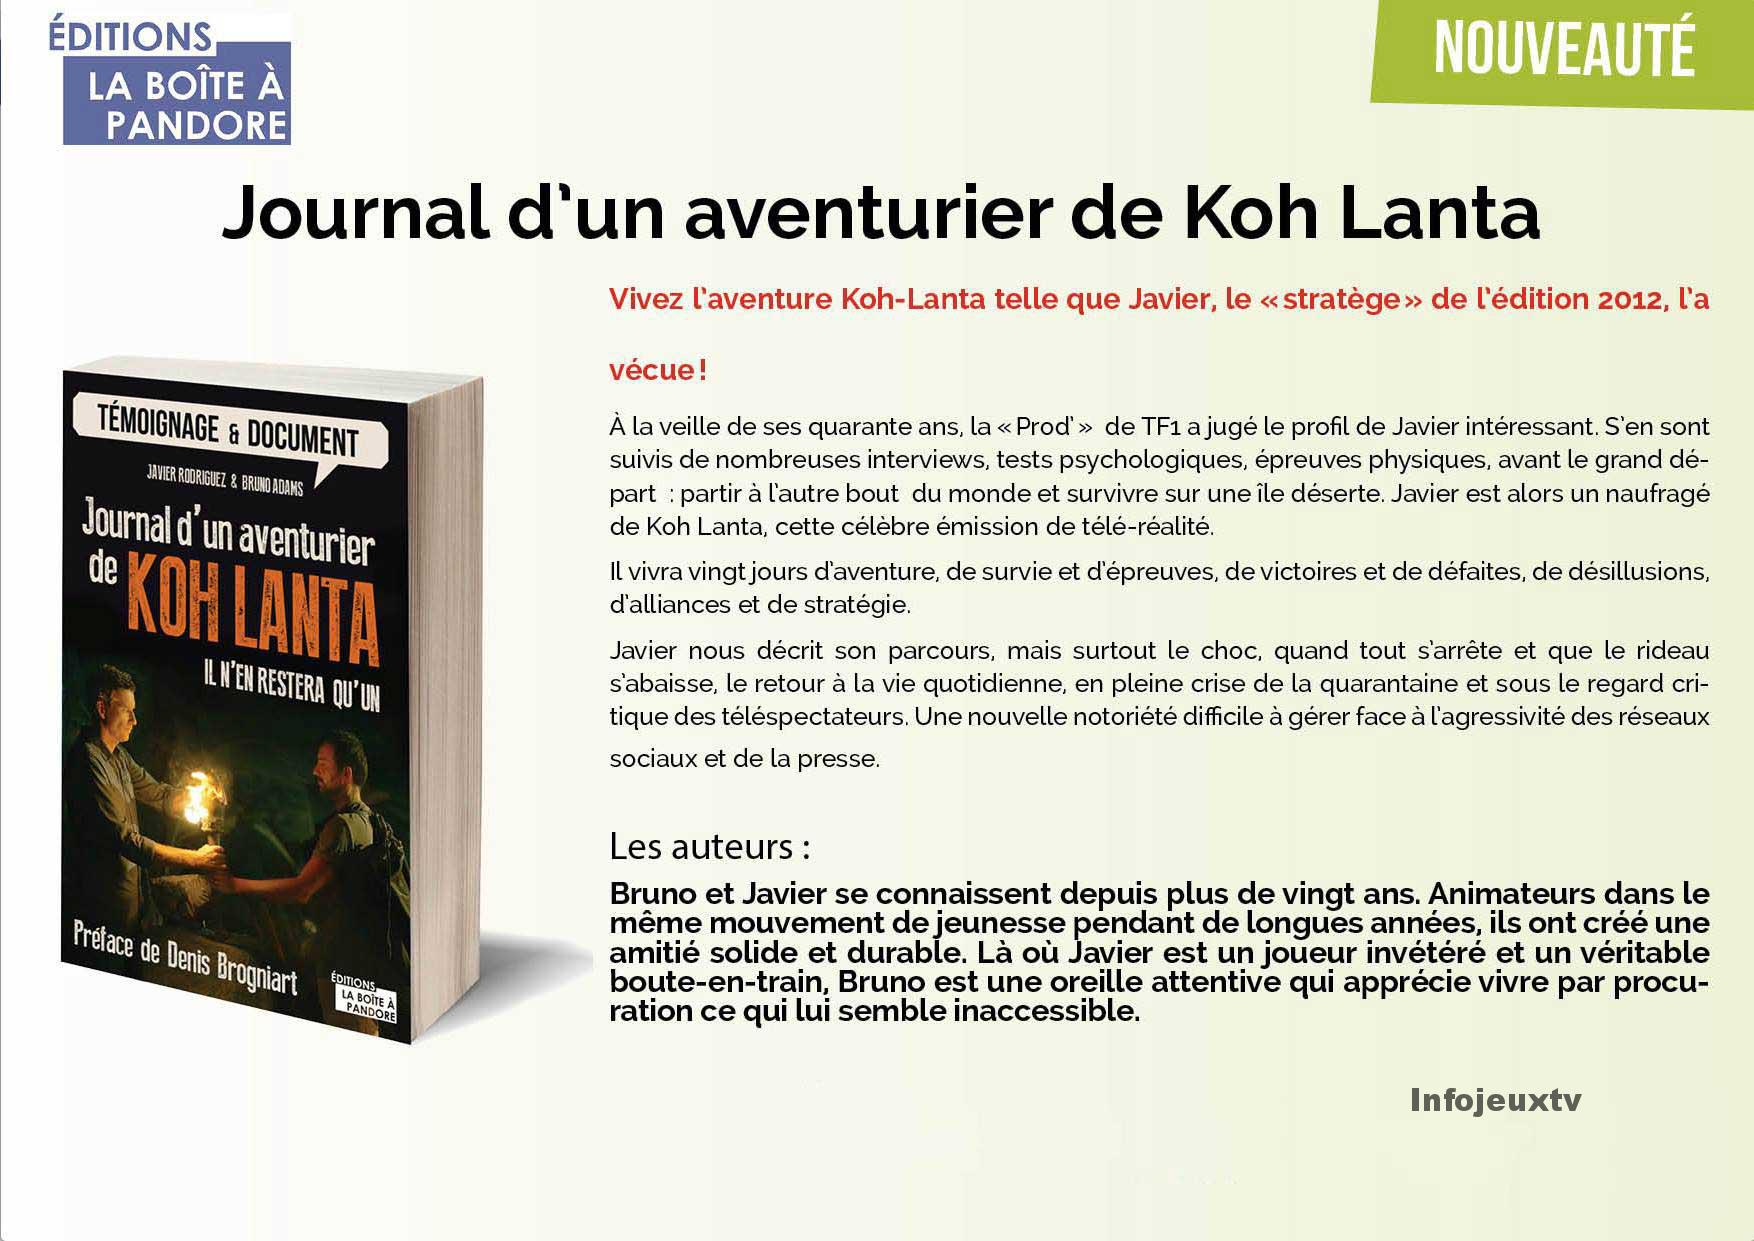 Pdf lettre de motivation koh lanta - Lettre de motivation koh lanta ...